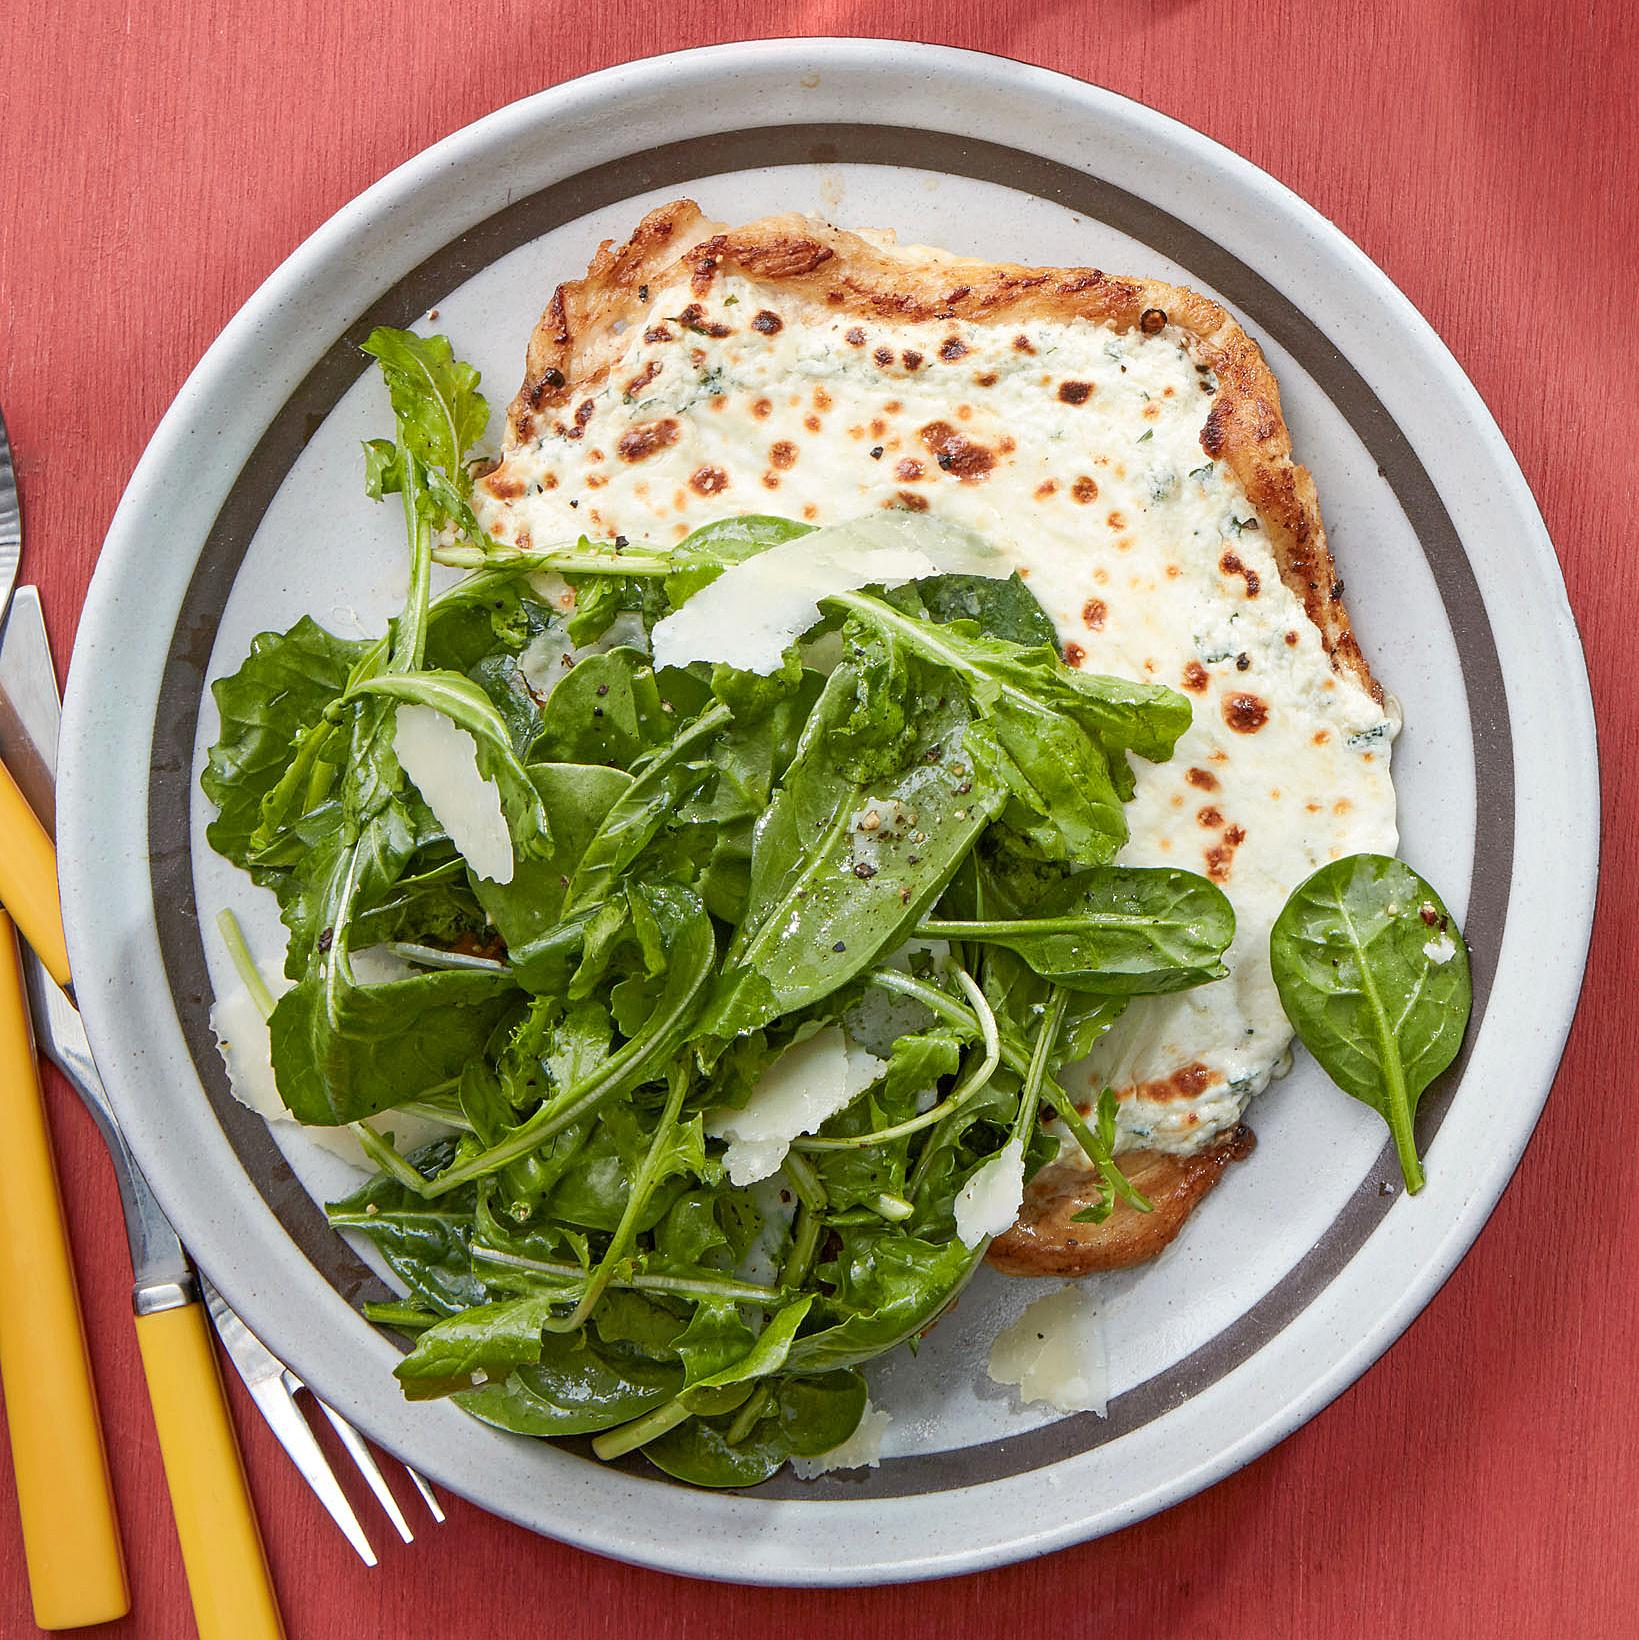 chicken paillard white pizzette with spinach arugula salad